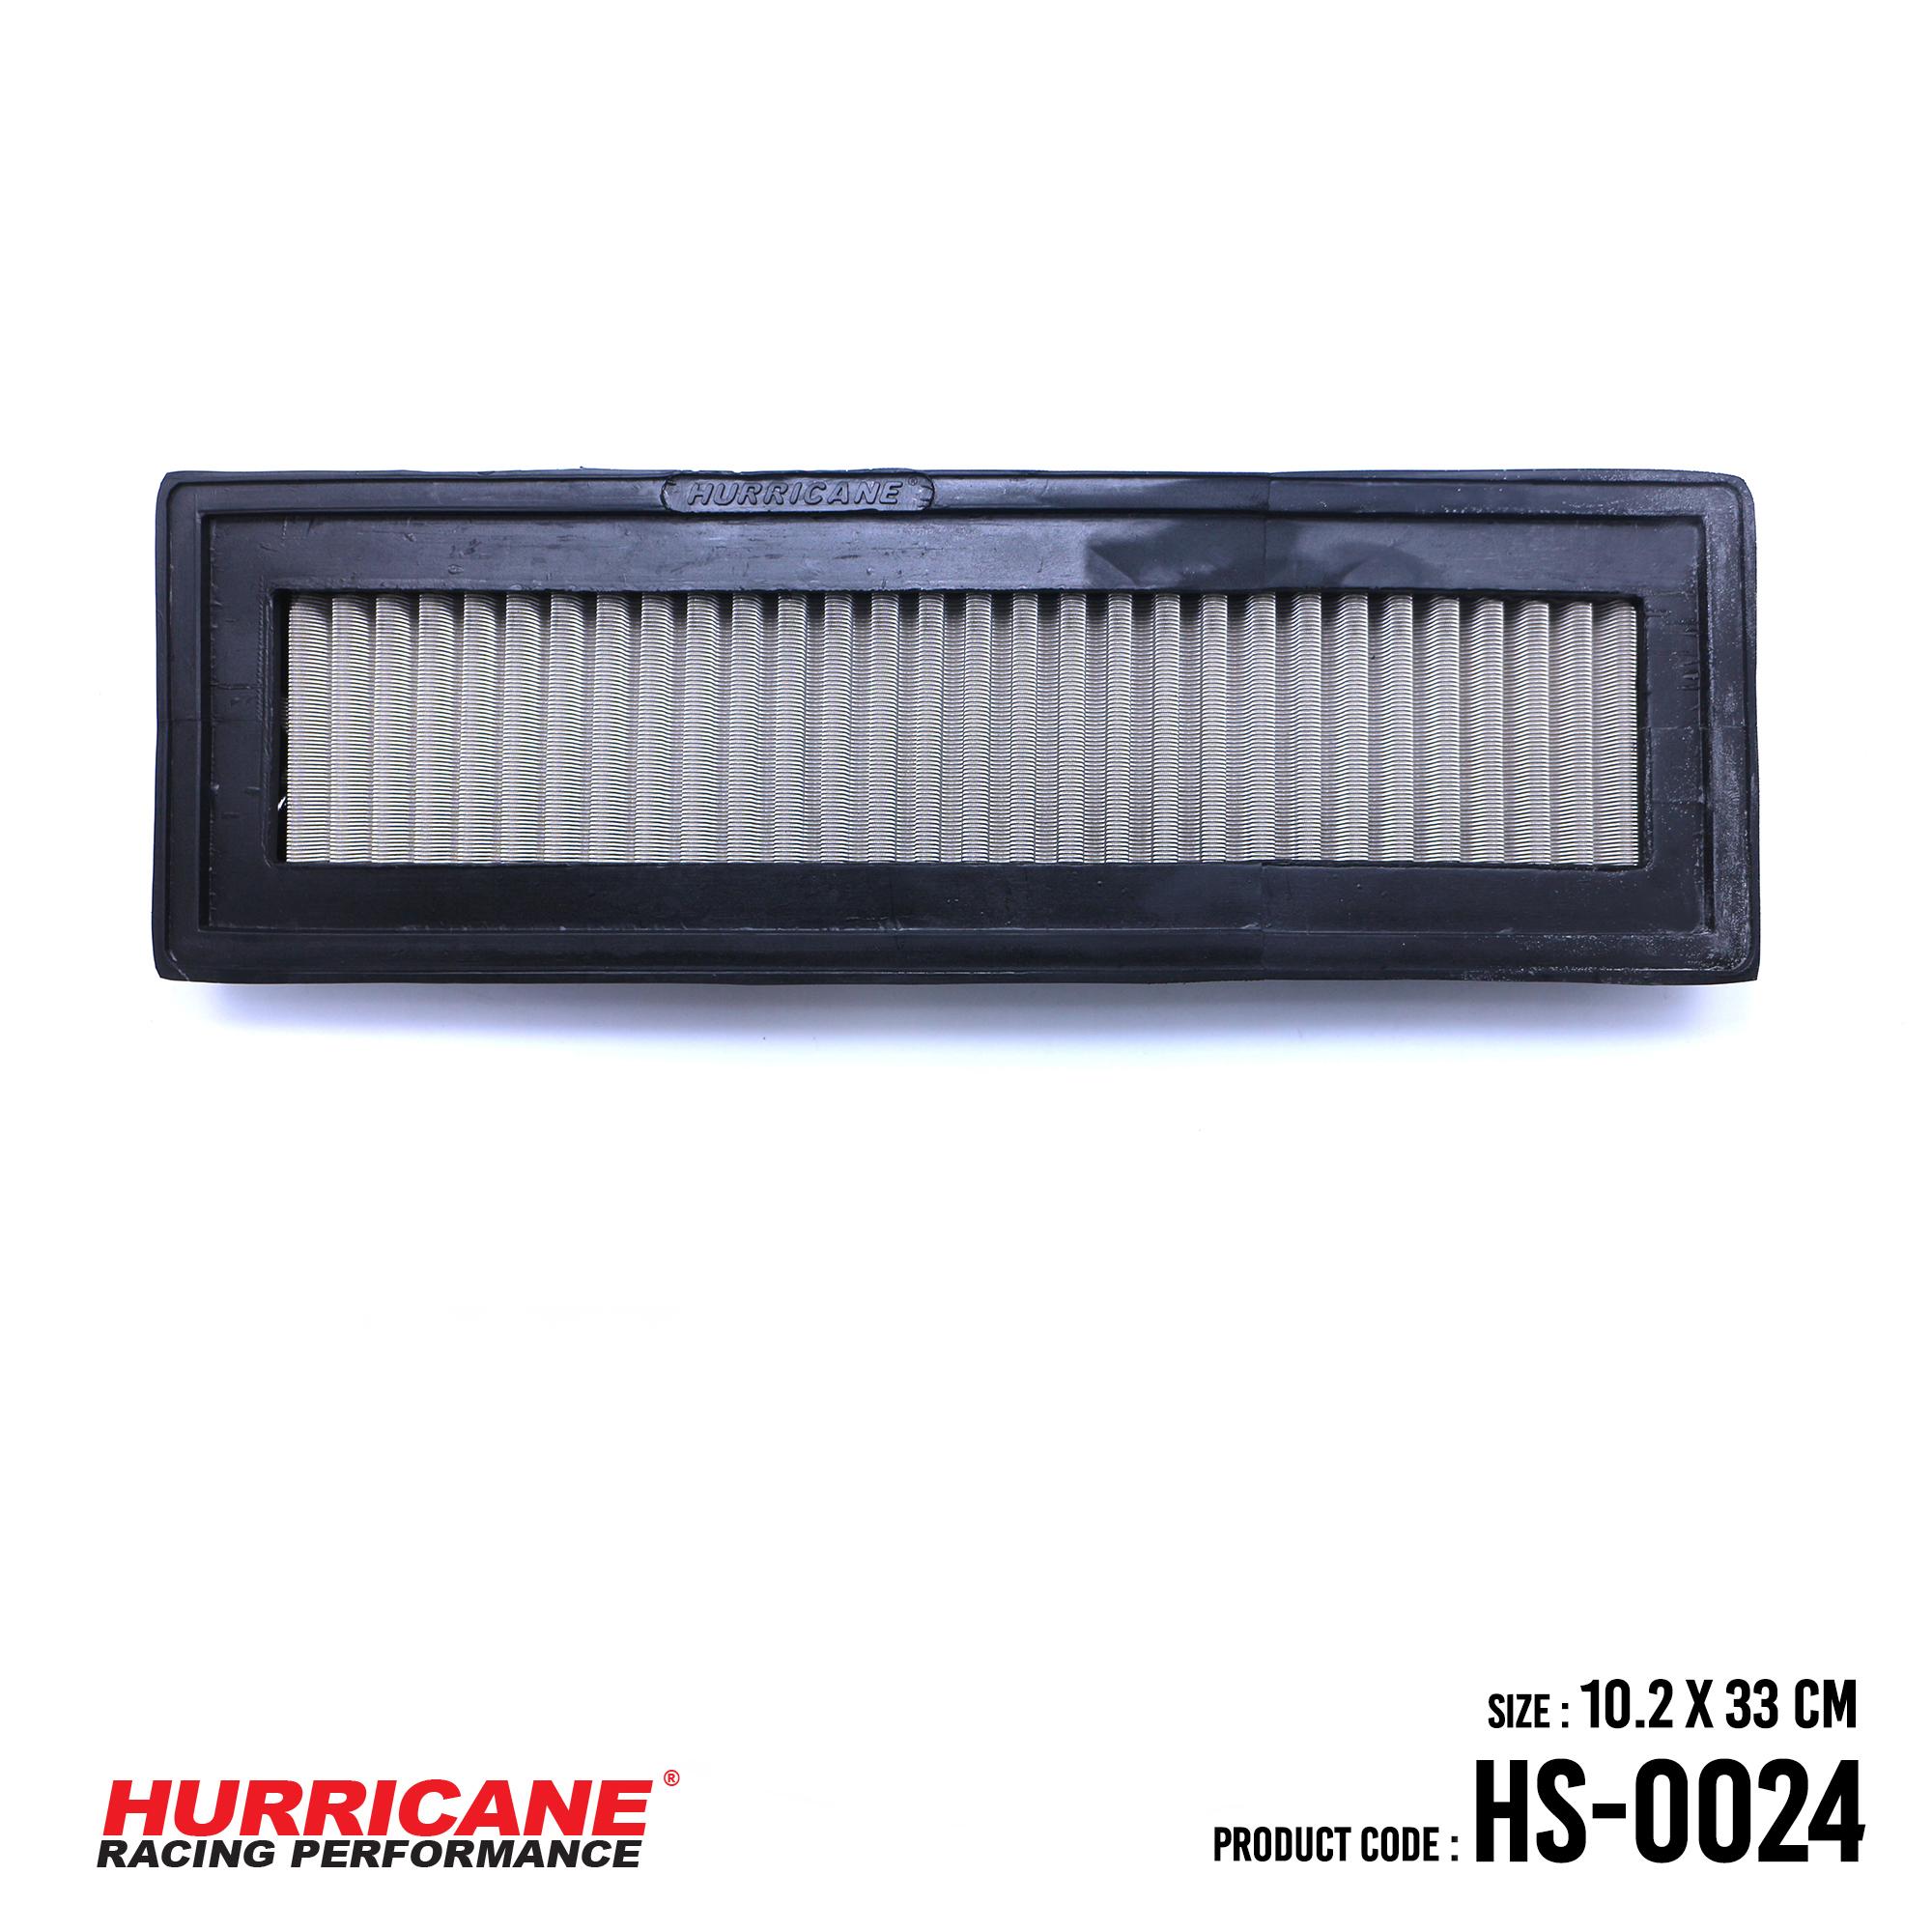 HURRICANE STAINLESS STEEL AIR FILTER FOR HS-0024 CitroenPeugeot